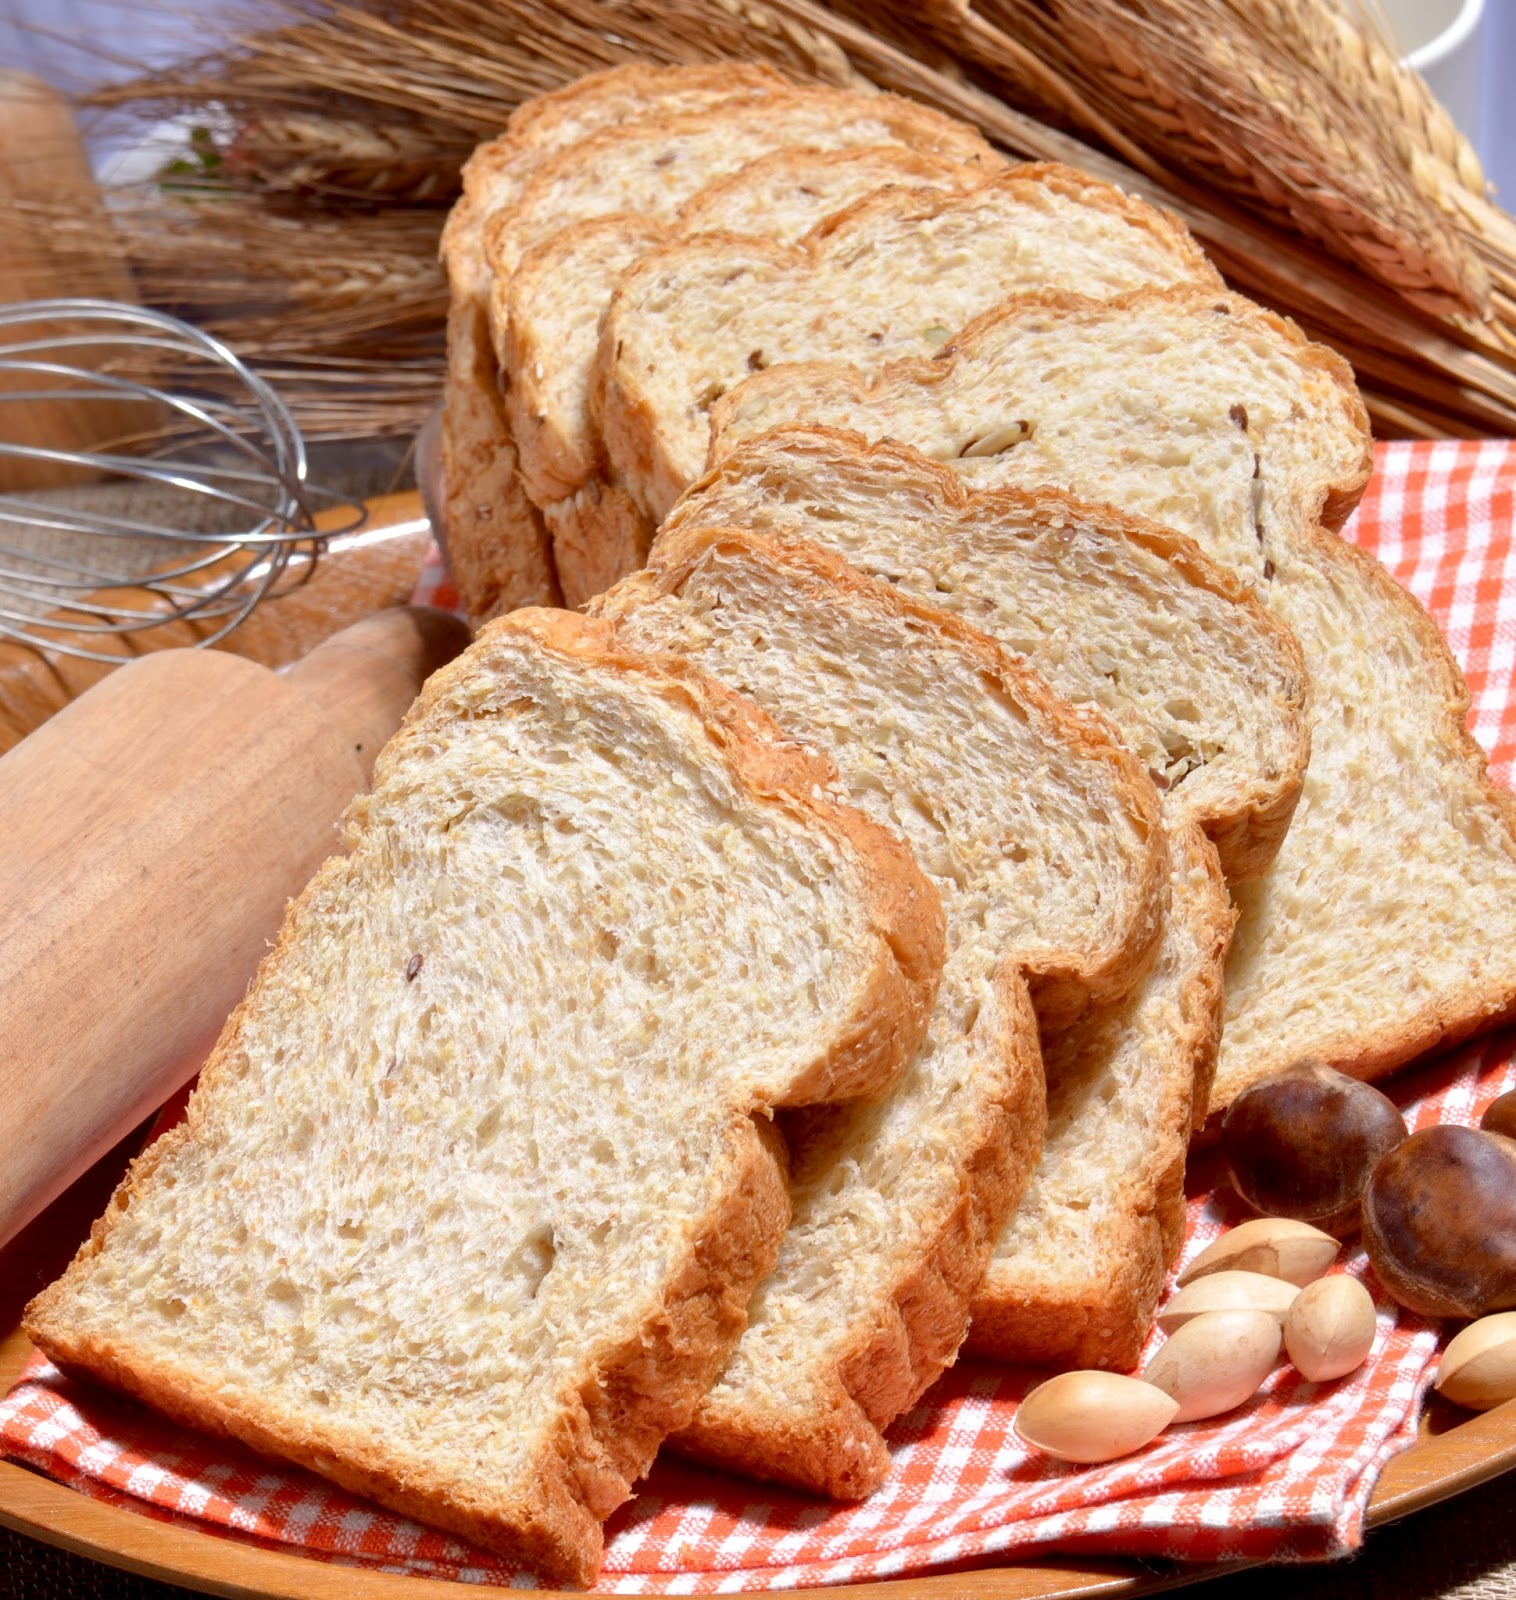 Cover Majalah Female Health By Budi Gizi Dan Kuliner Roti Tawar Gandum 400 Gr Yang Terbuat Dari Tepung Utuh Whole Wheat Lebih Sehat Karena Tinggi Serat Banyak Mengandung Vitamin Mineral